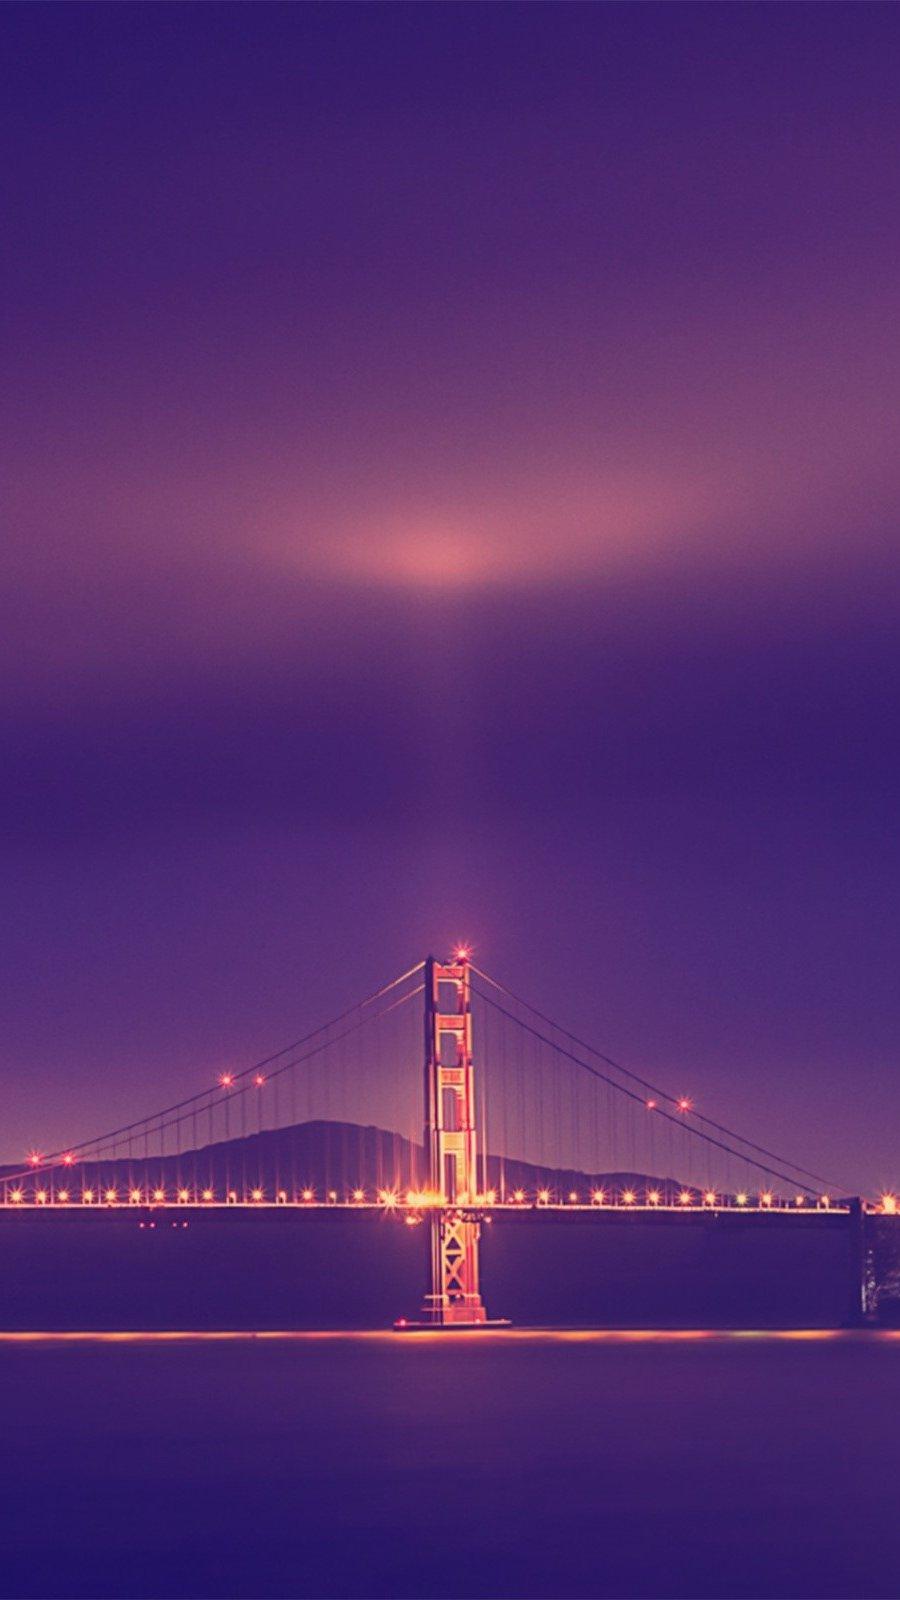 Fondos de pantalla Puente Golden Gate Vertical